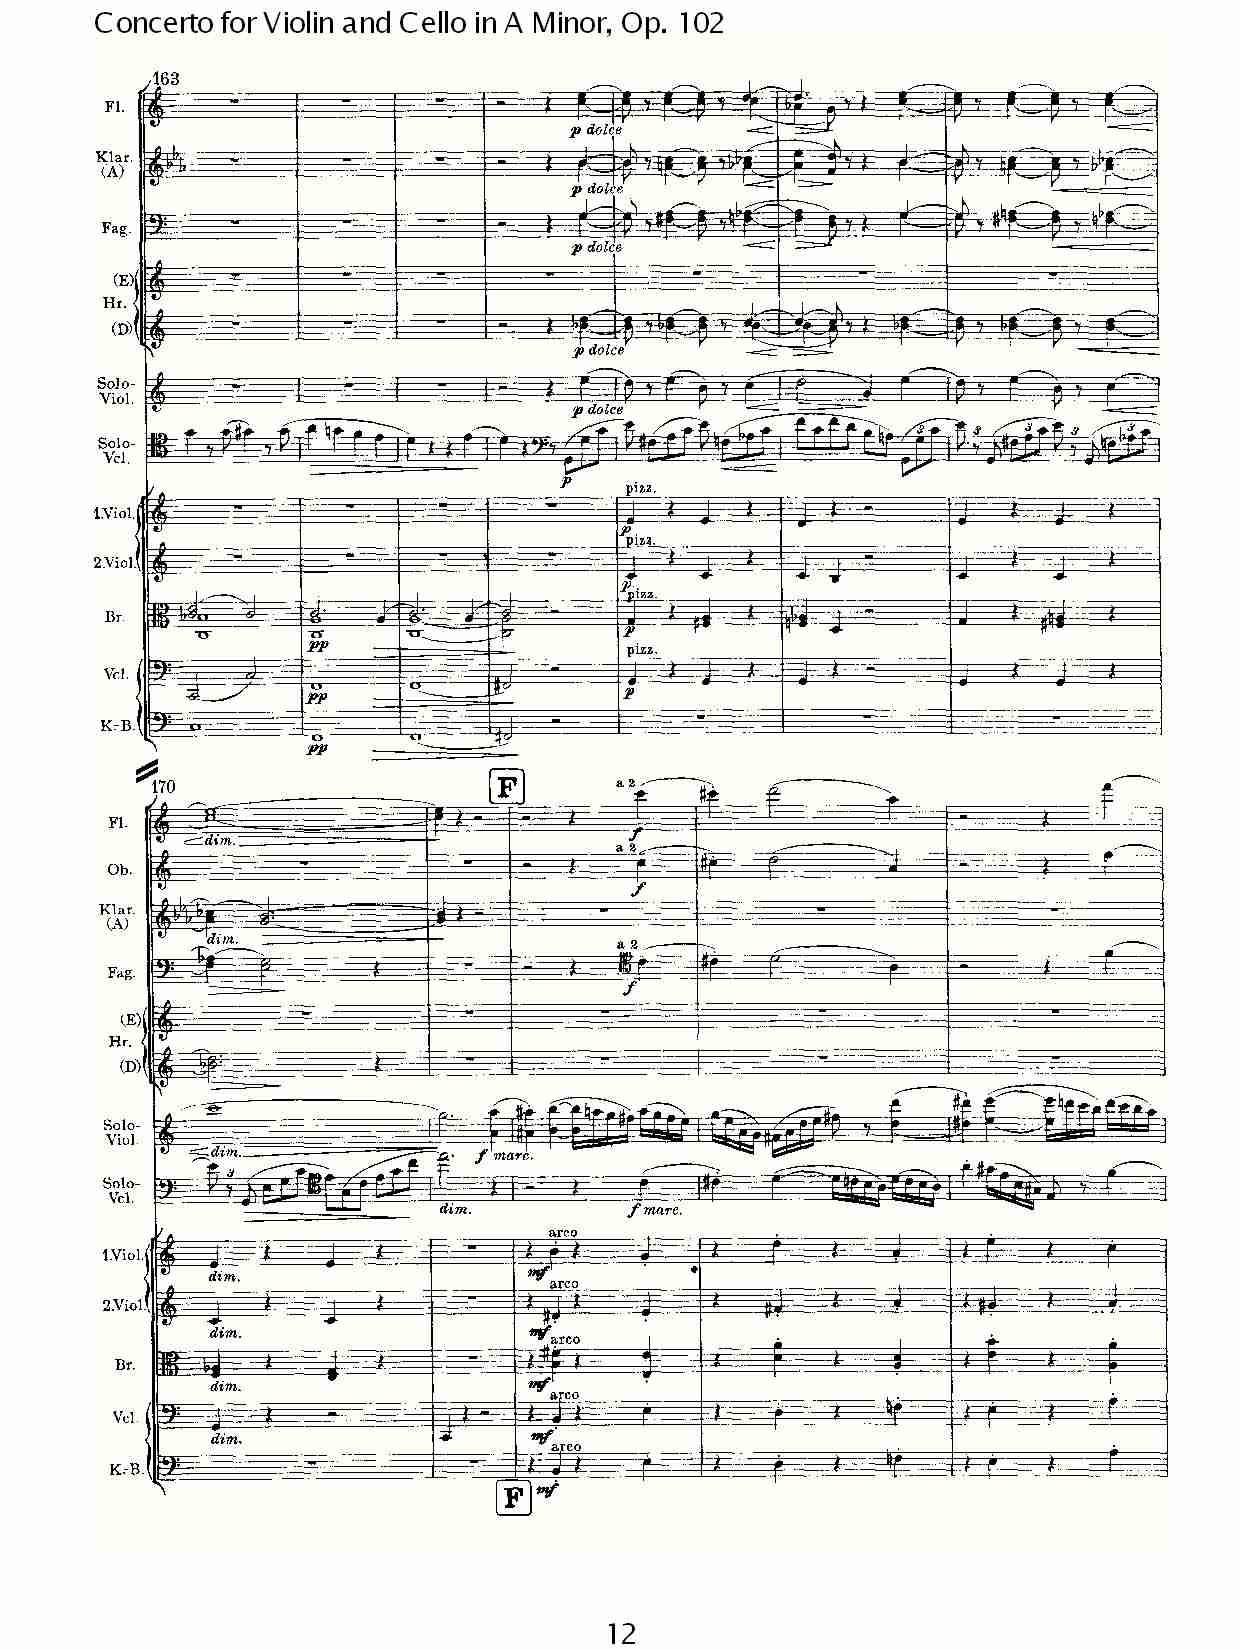 A小调小提琴与大提琴协奏曲, Op.102第一乐章 三